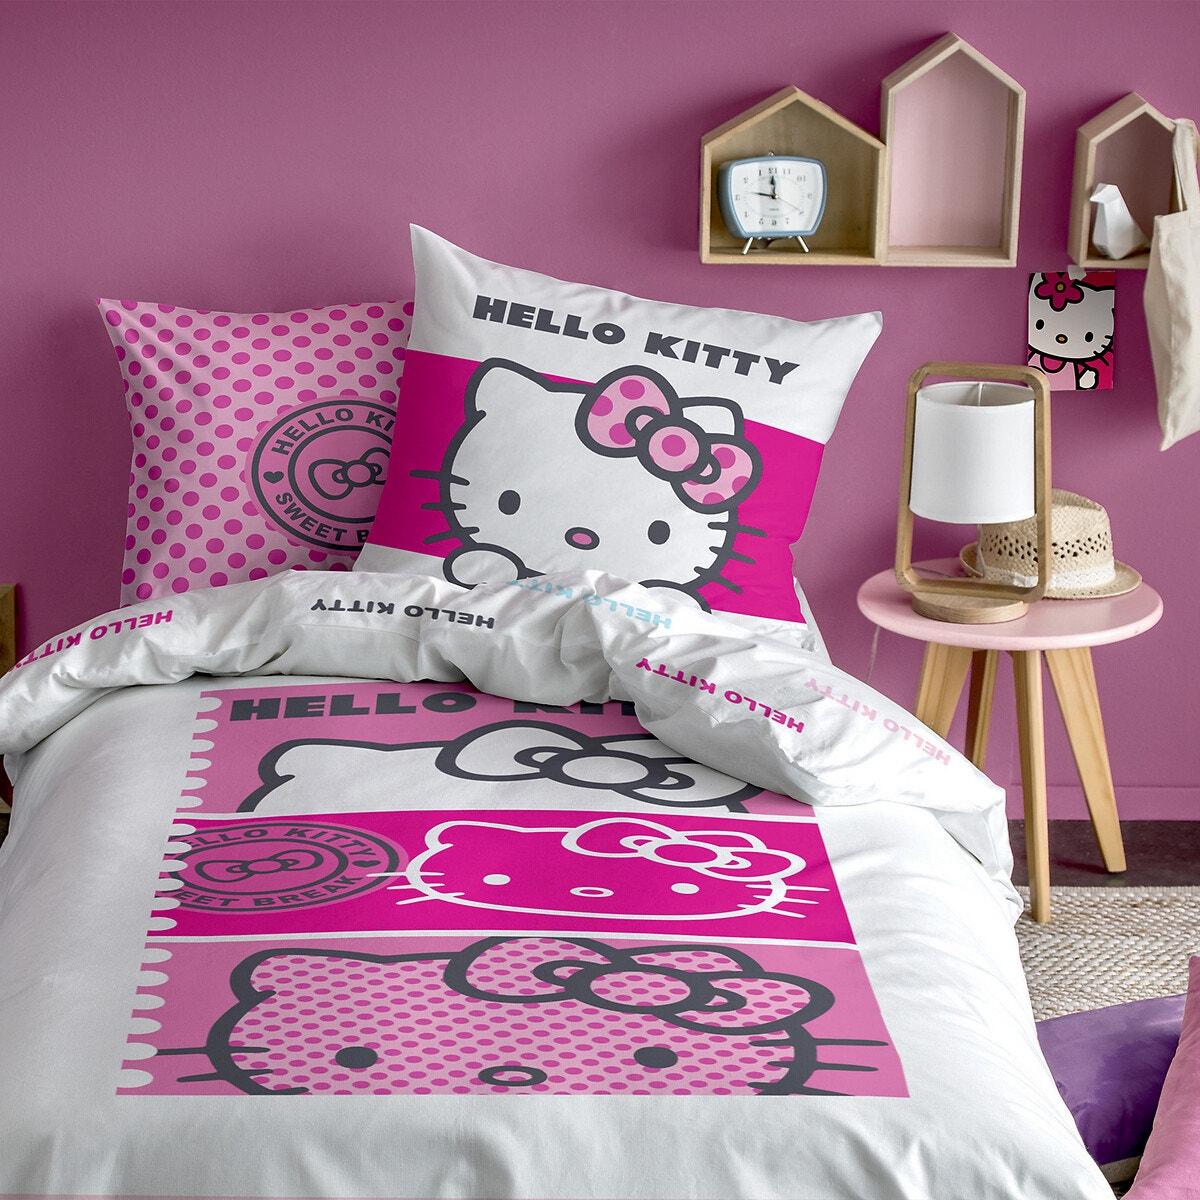 HELLO KITTY - Hello Kitty .